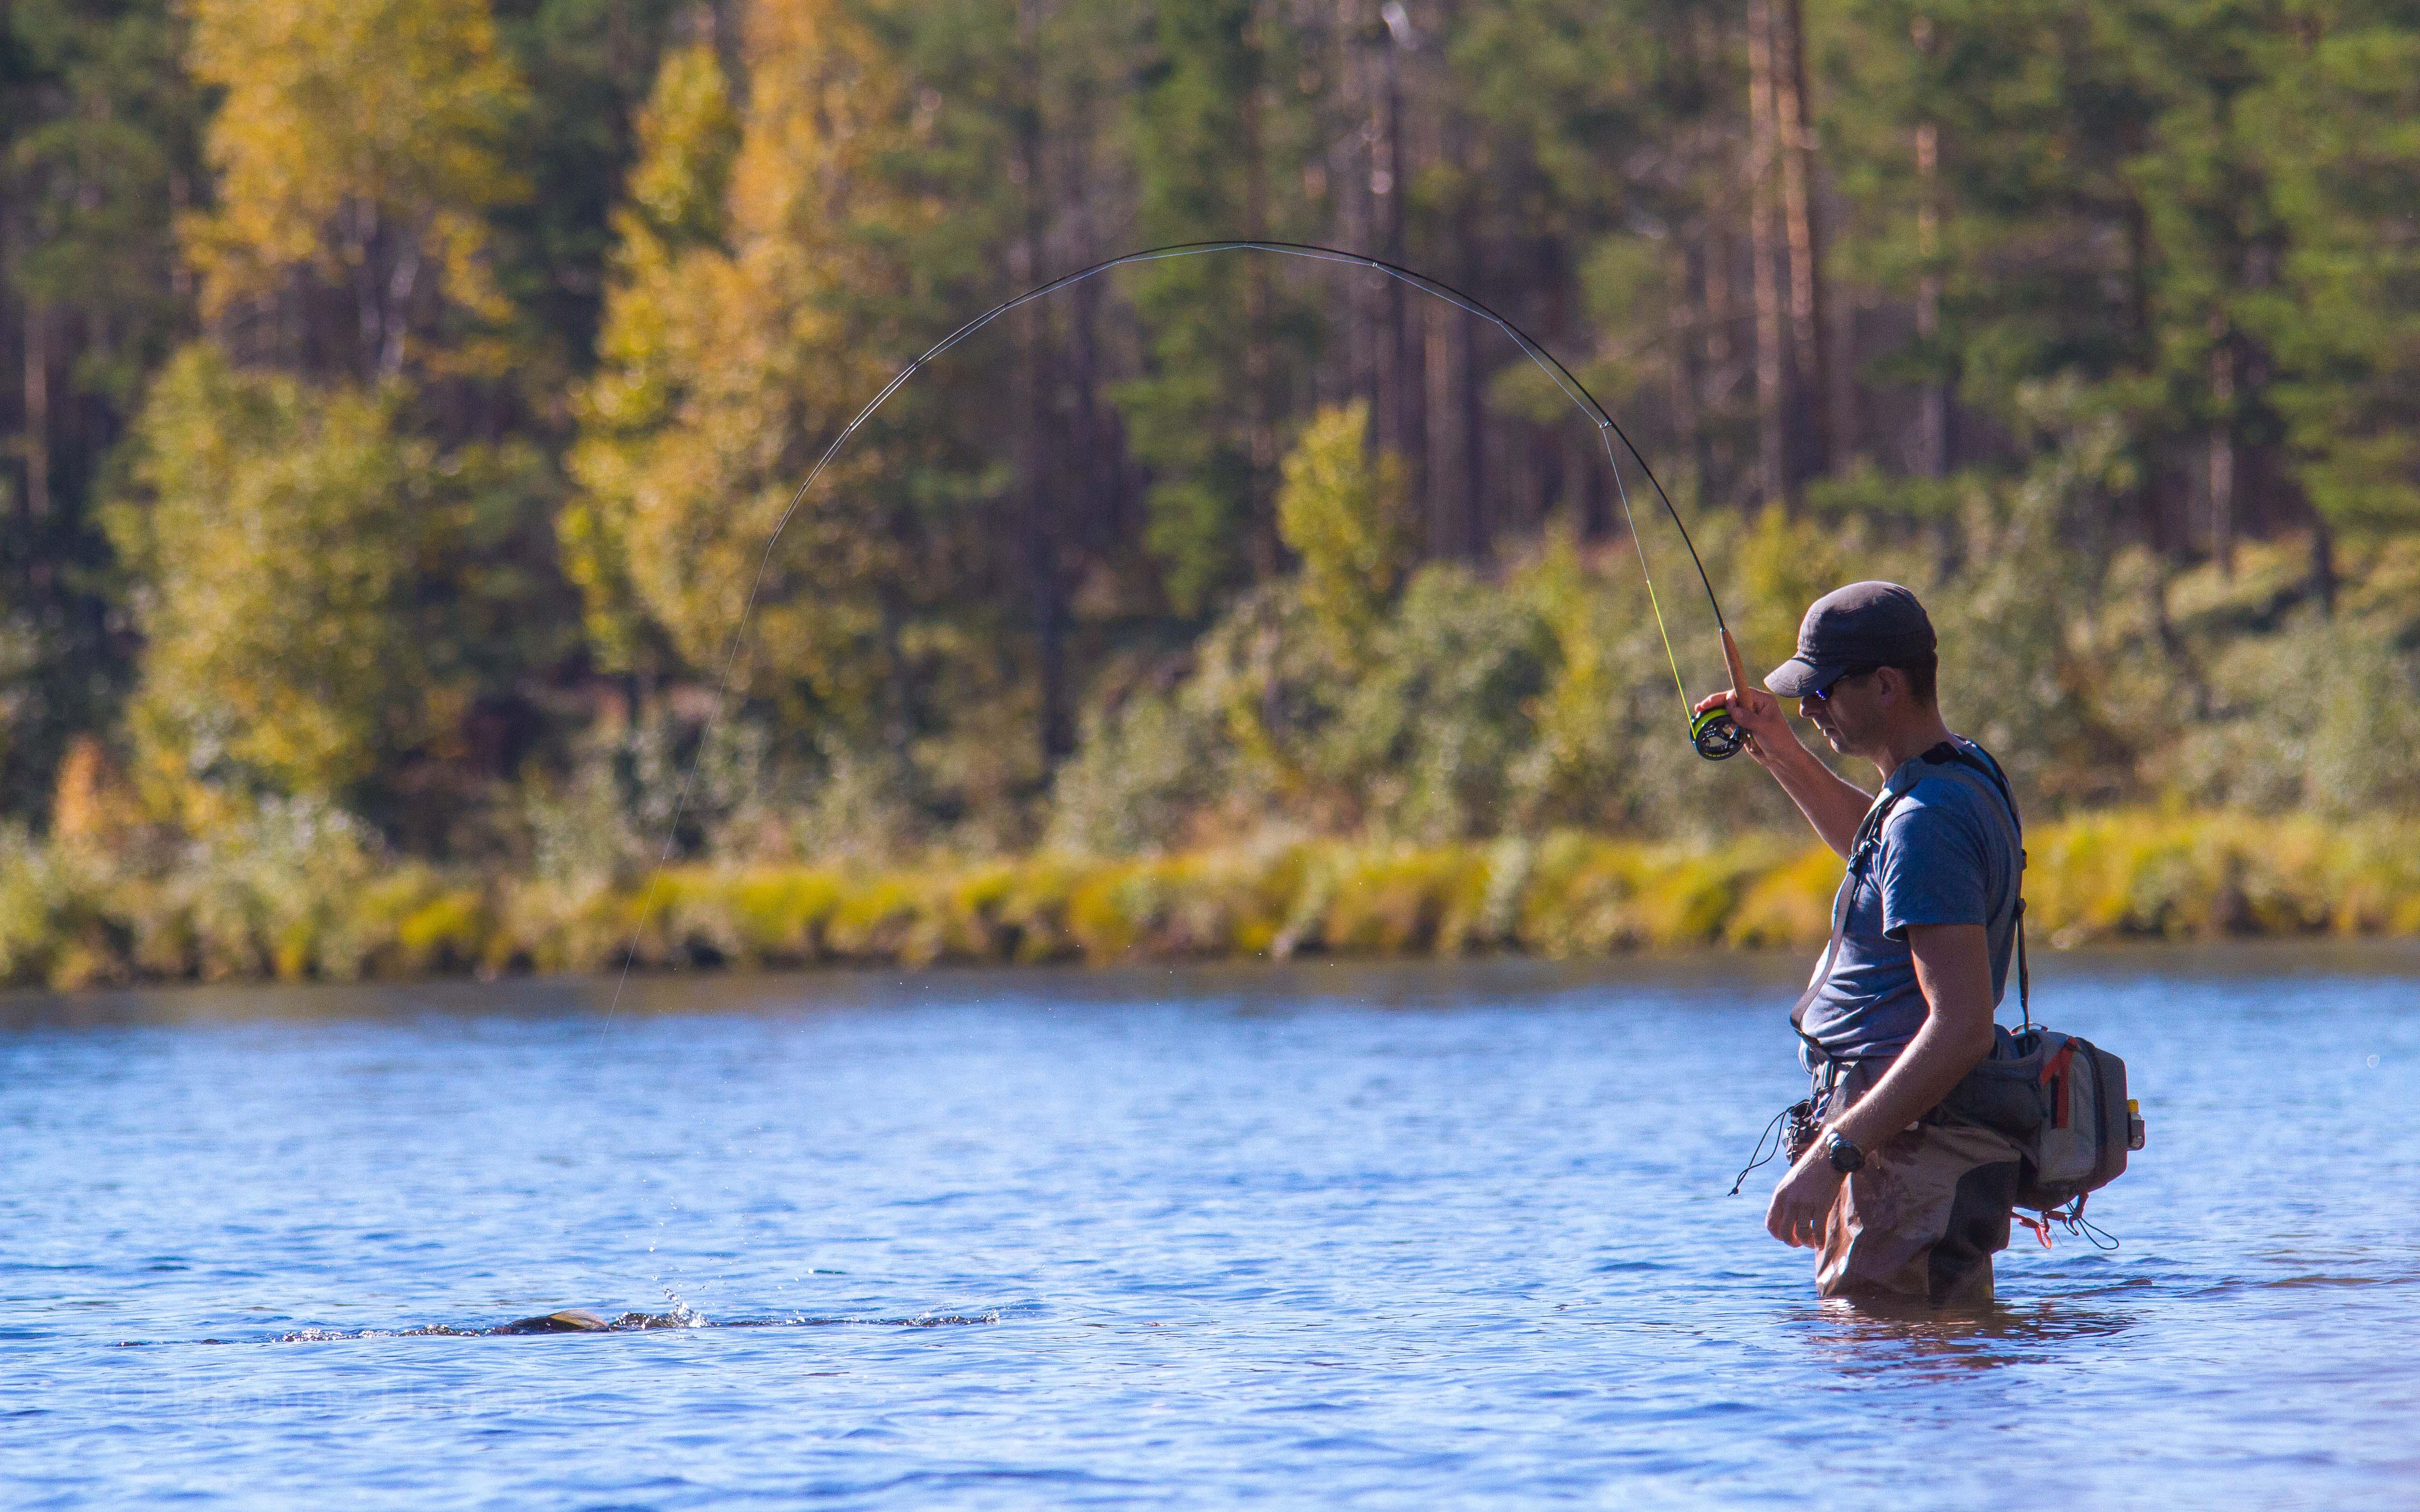 Høstfiske-Kvennan-Hedmark-Heading-Foto: Bjørnar Hansen